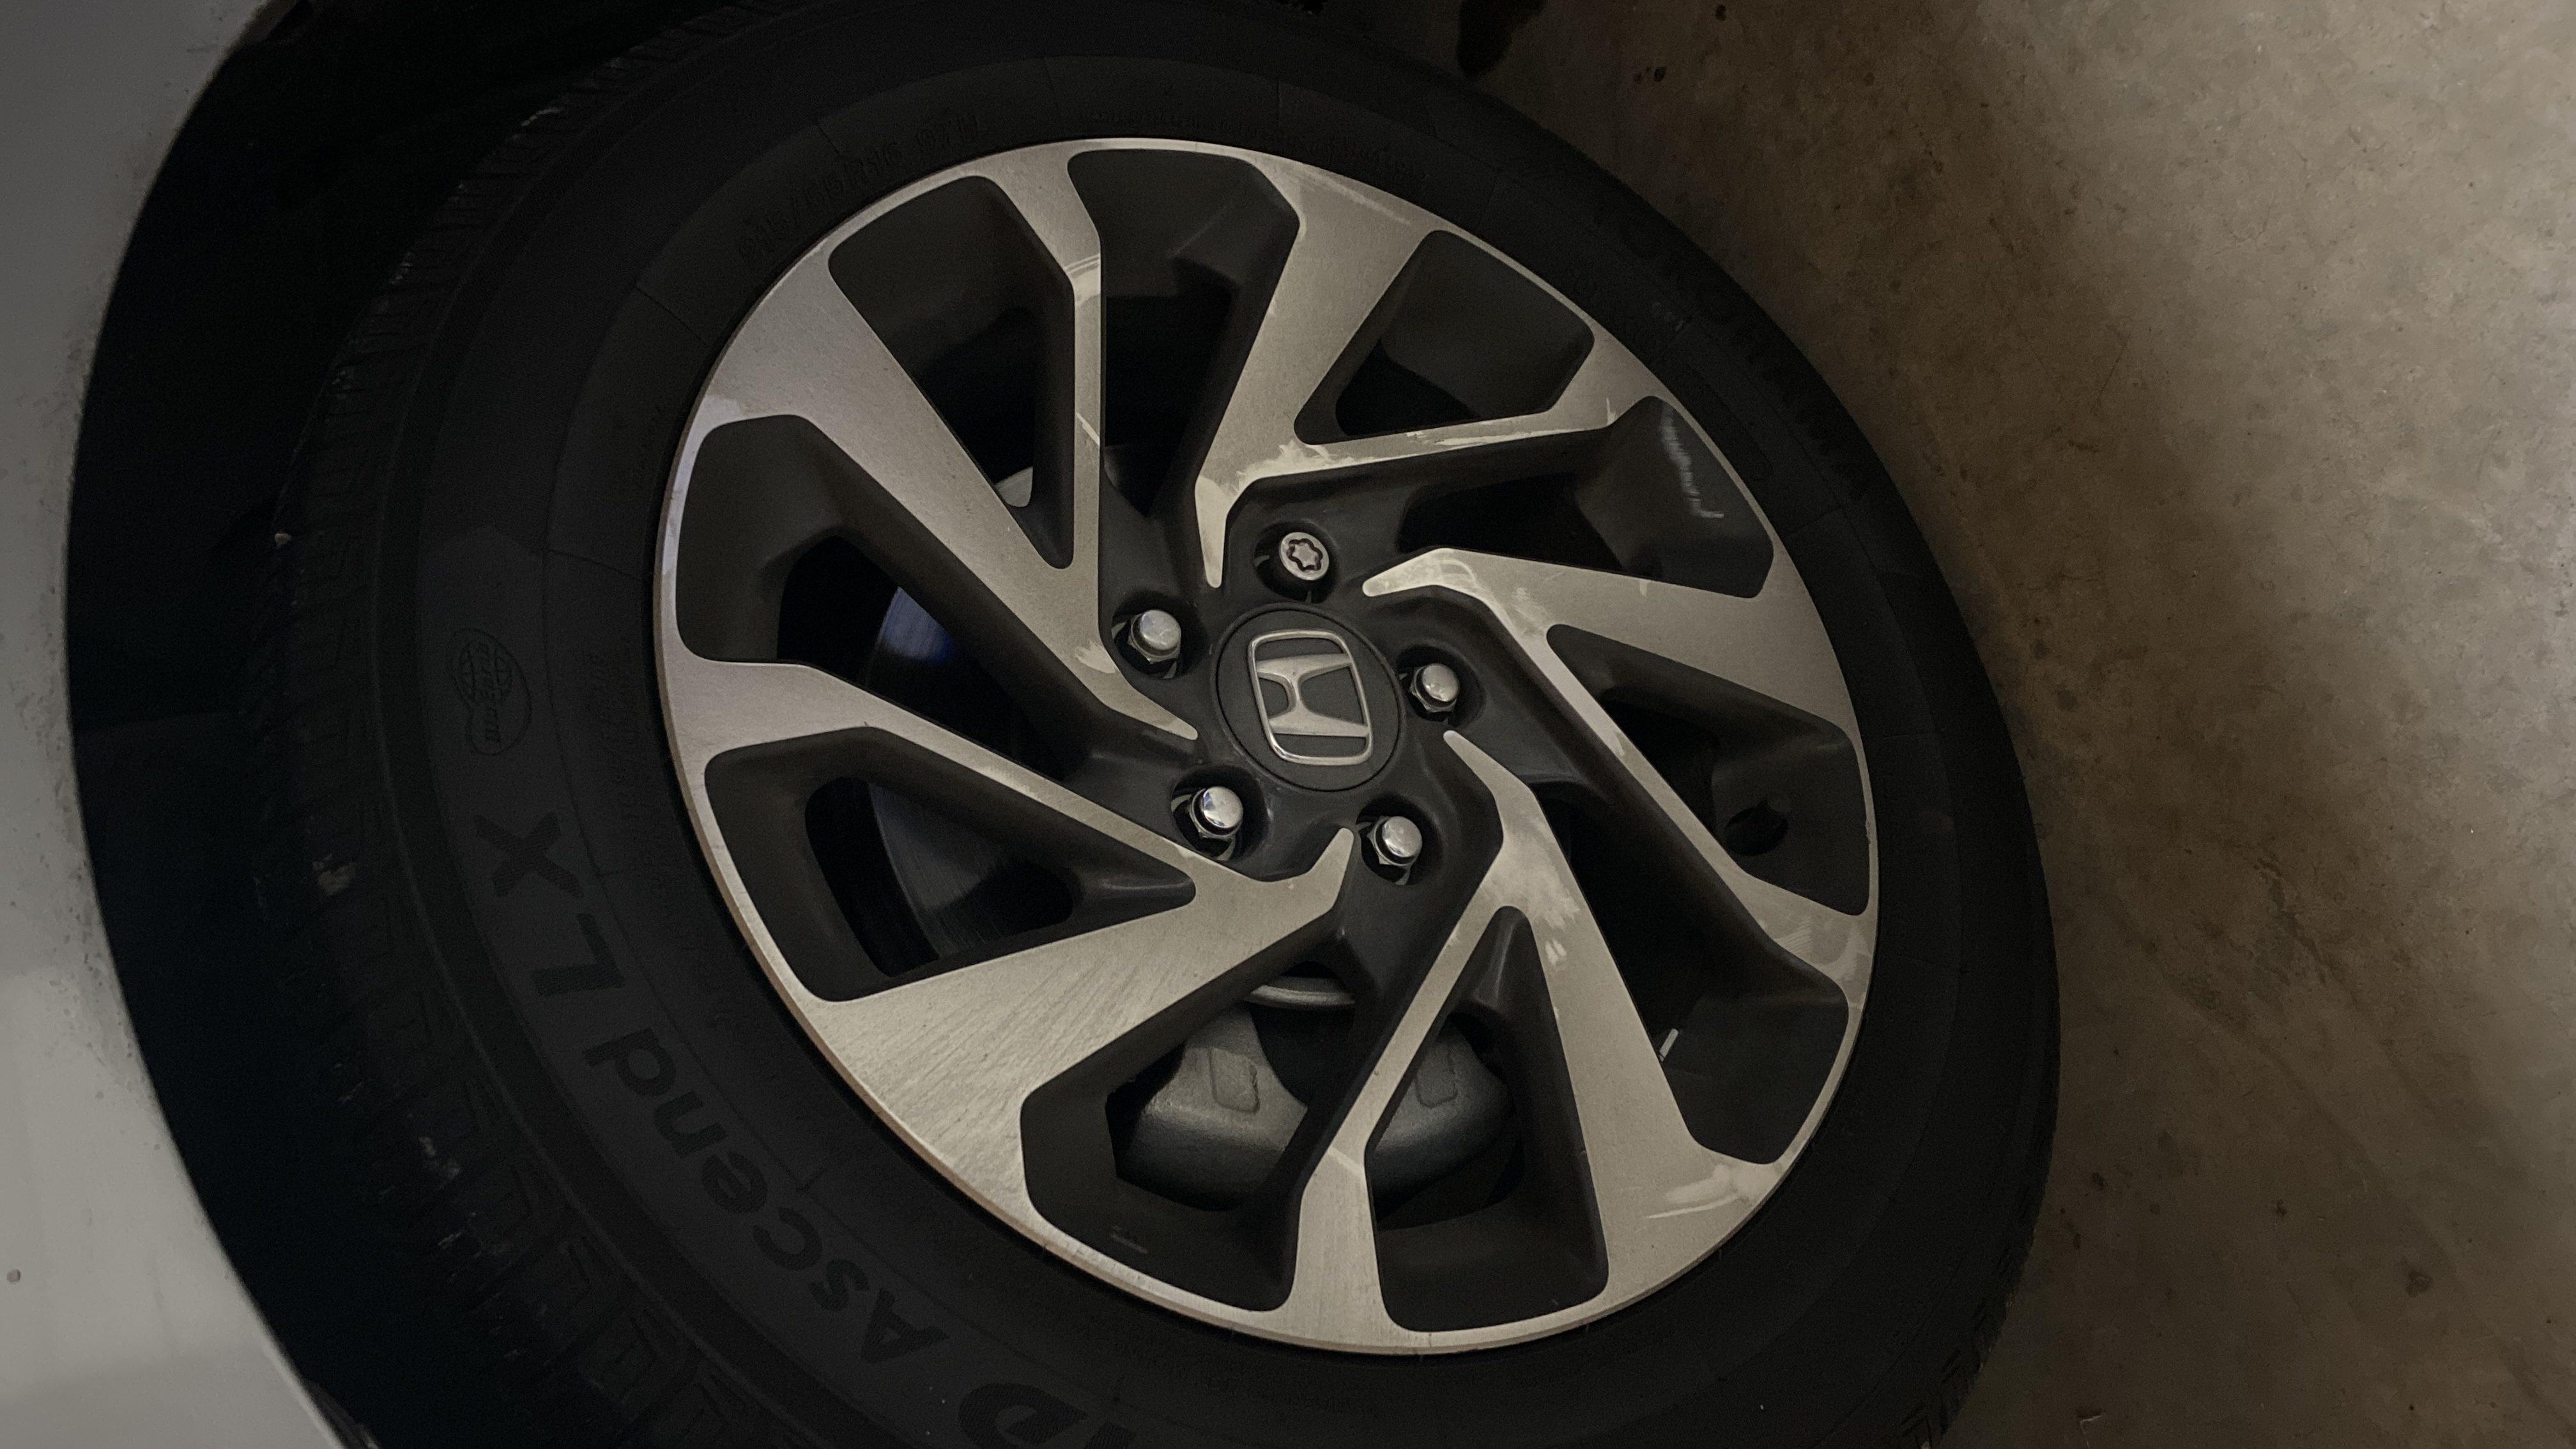 Black out Honda wheels